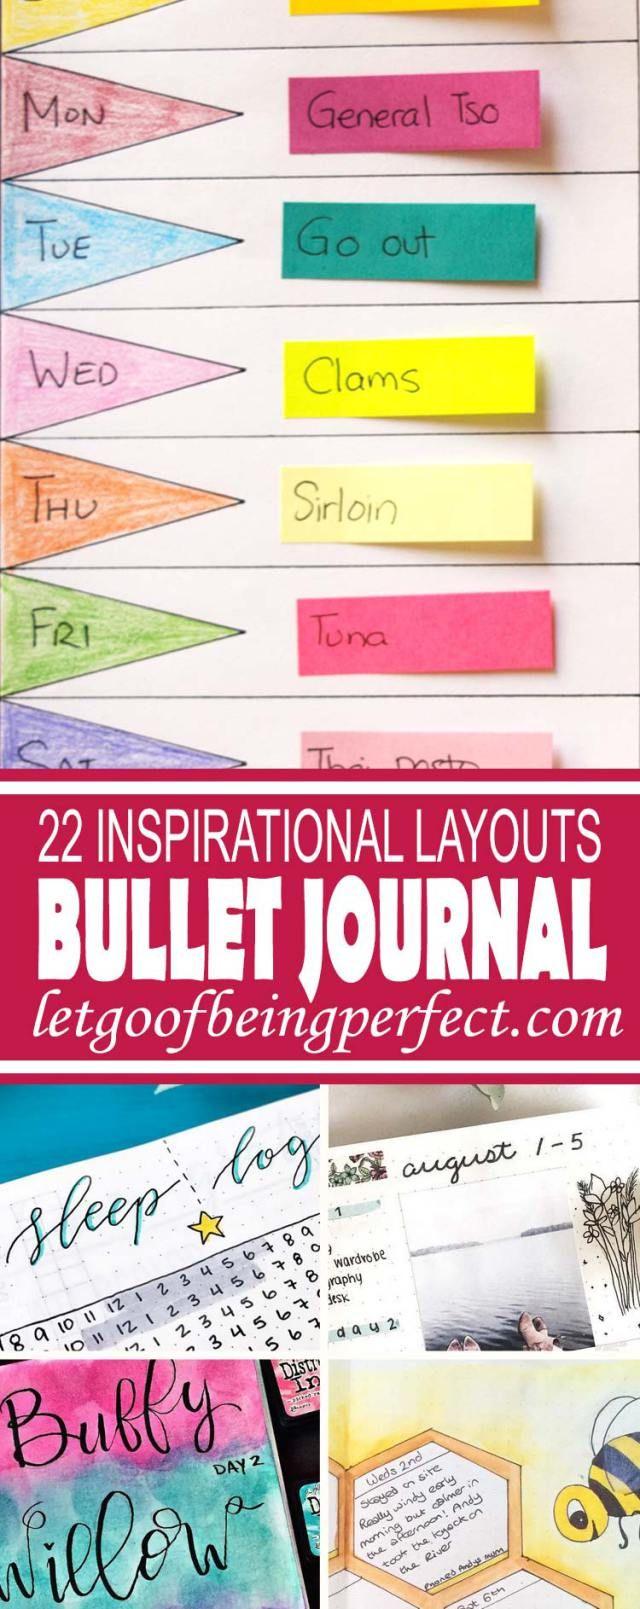 22 Inspirational Bullet Journal Roundup